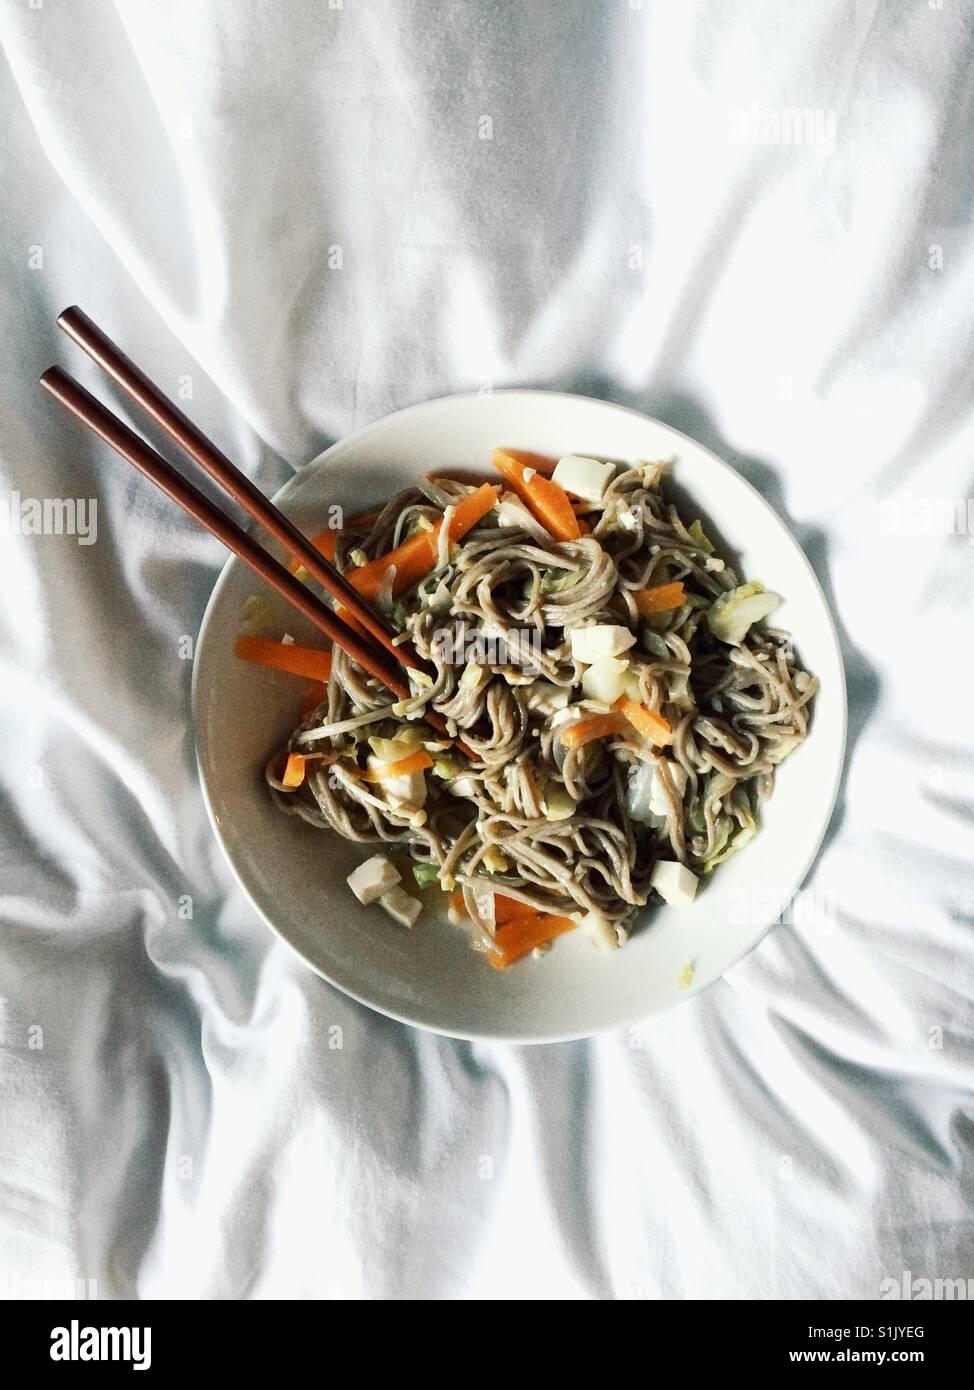 Runde weiße Schüssel mit Soba zerknittert, Nudeln und Gemüse mit Stäbchen auf weißer Bettwäsche Stockbild